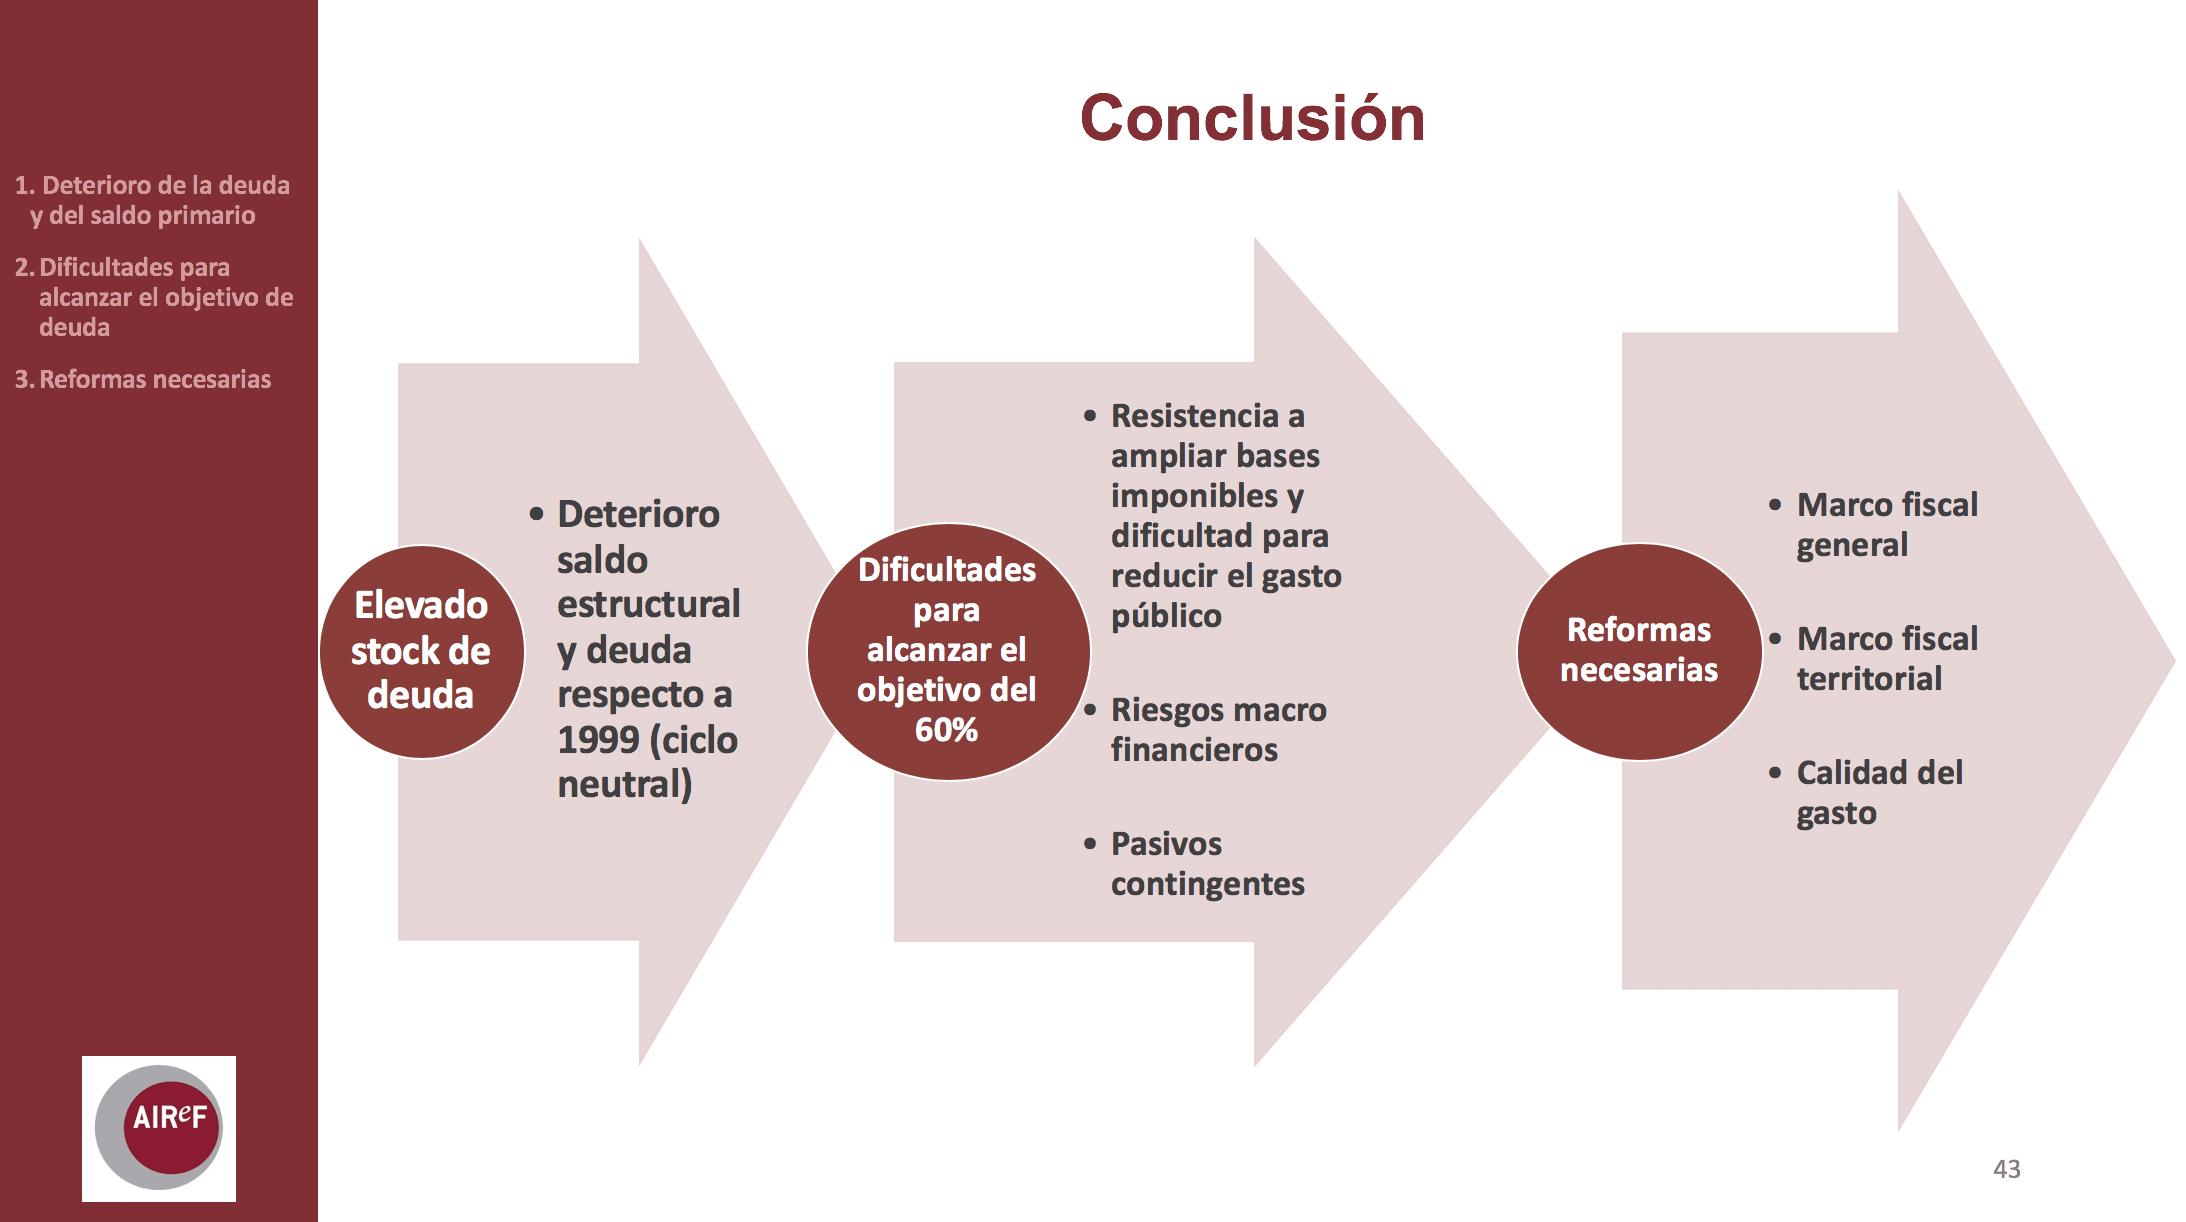 Presentación de la AIReF sobre el estado de la economía española